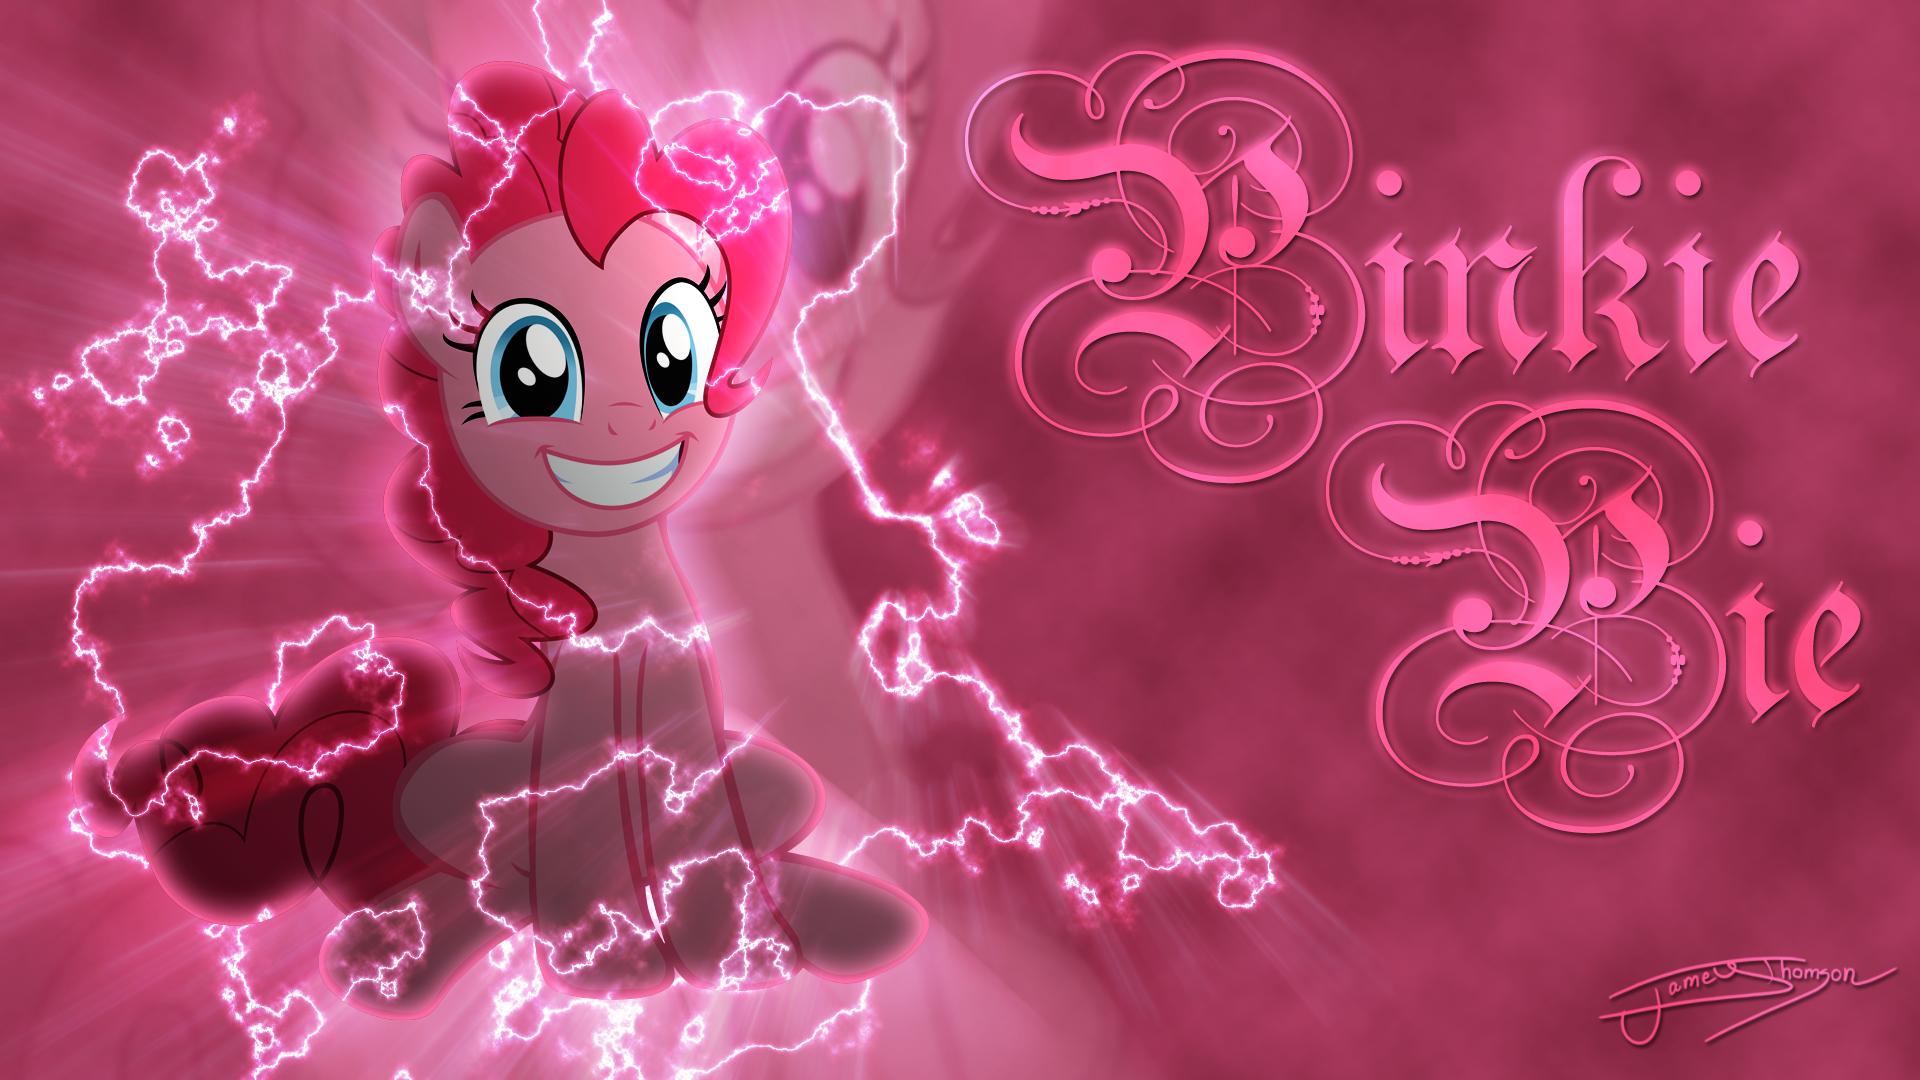 Pinkie Pie by Jamey4